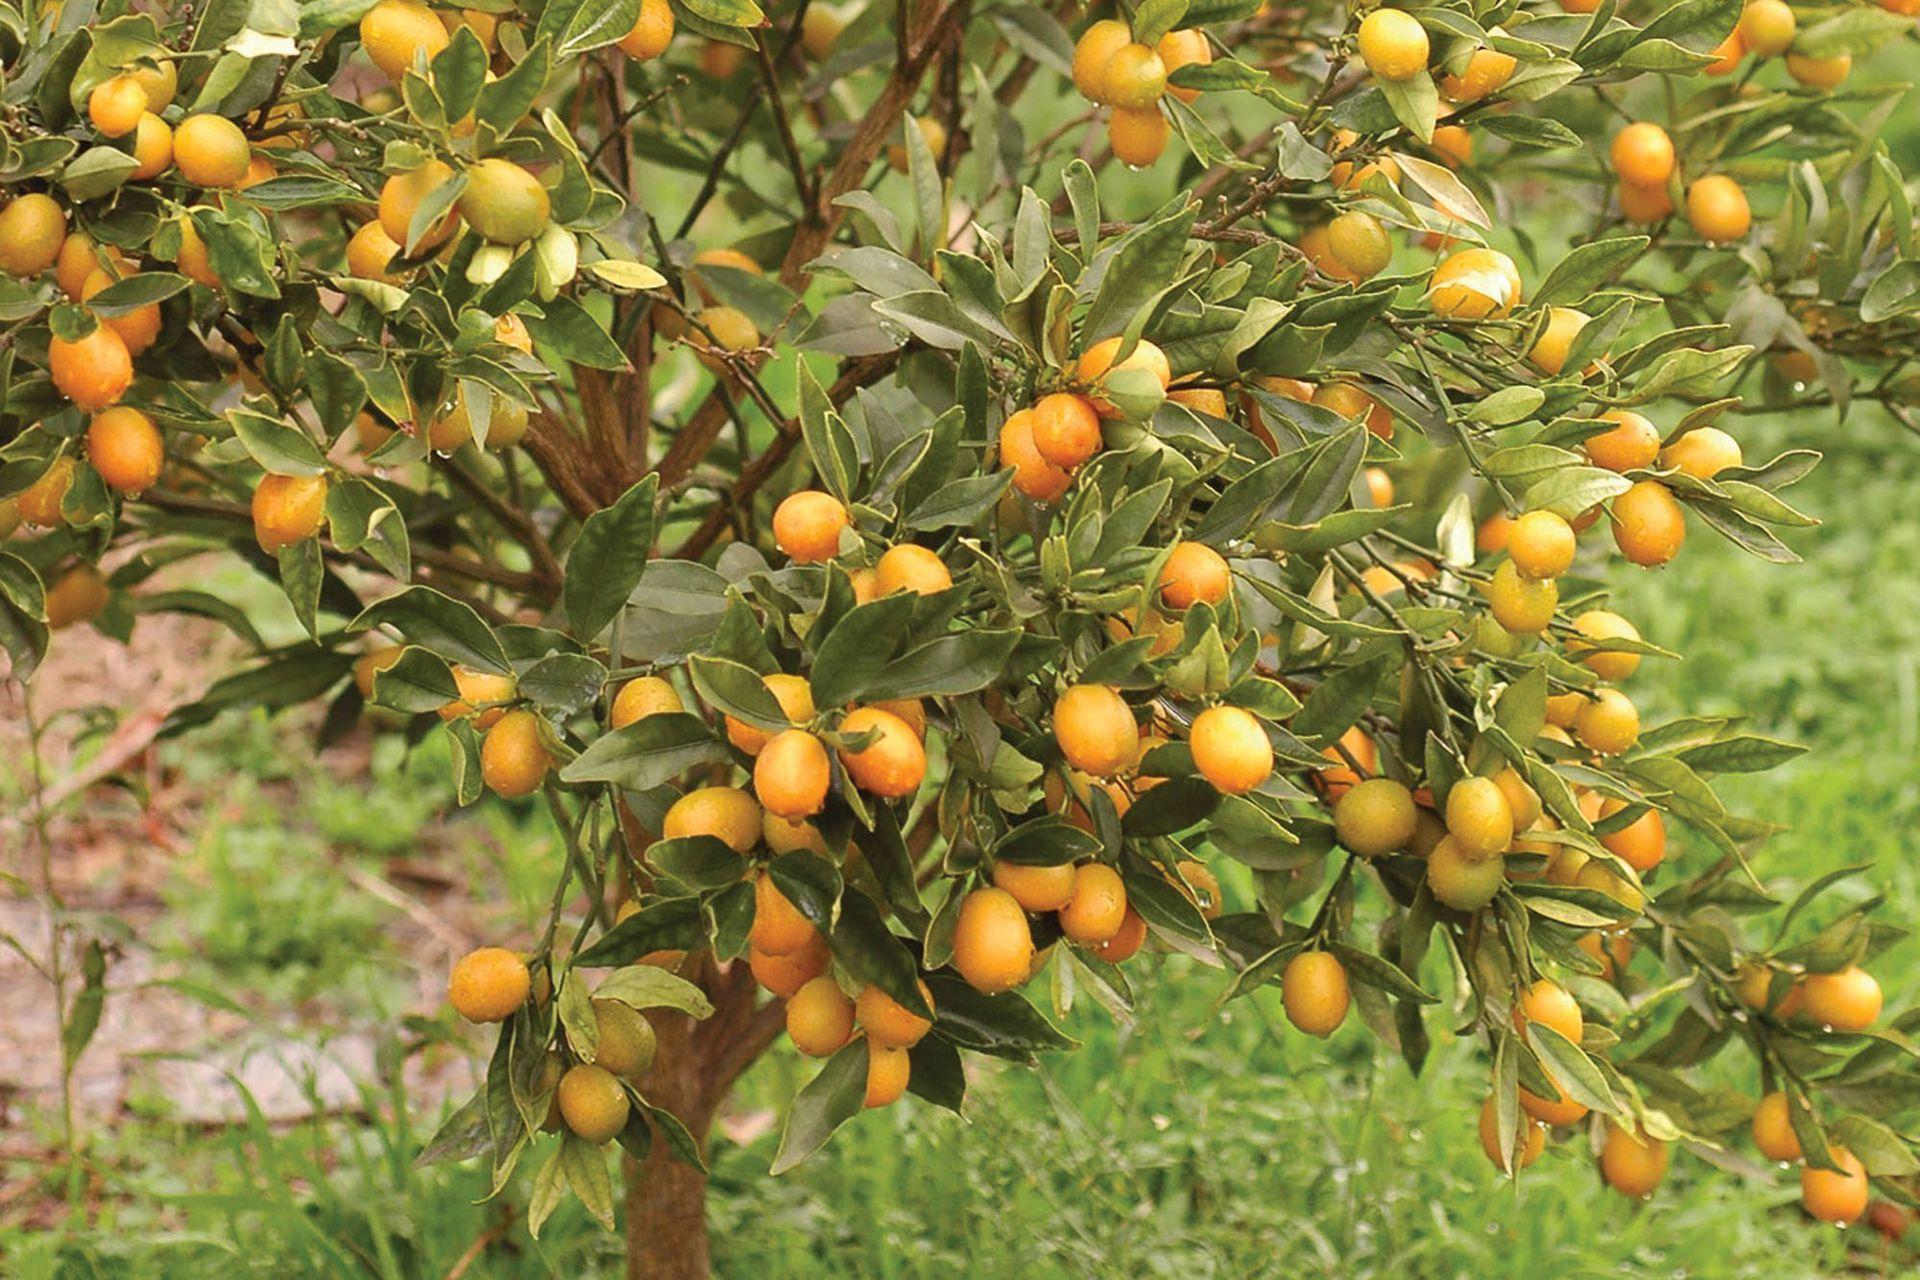 El kumquat (Citrus japonica) es frutal de crecimiento mesurado y porte prolijo, fácilmente ubicable en cualquier espacio abierto.